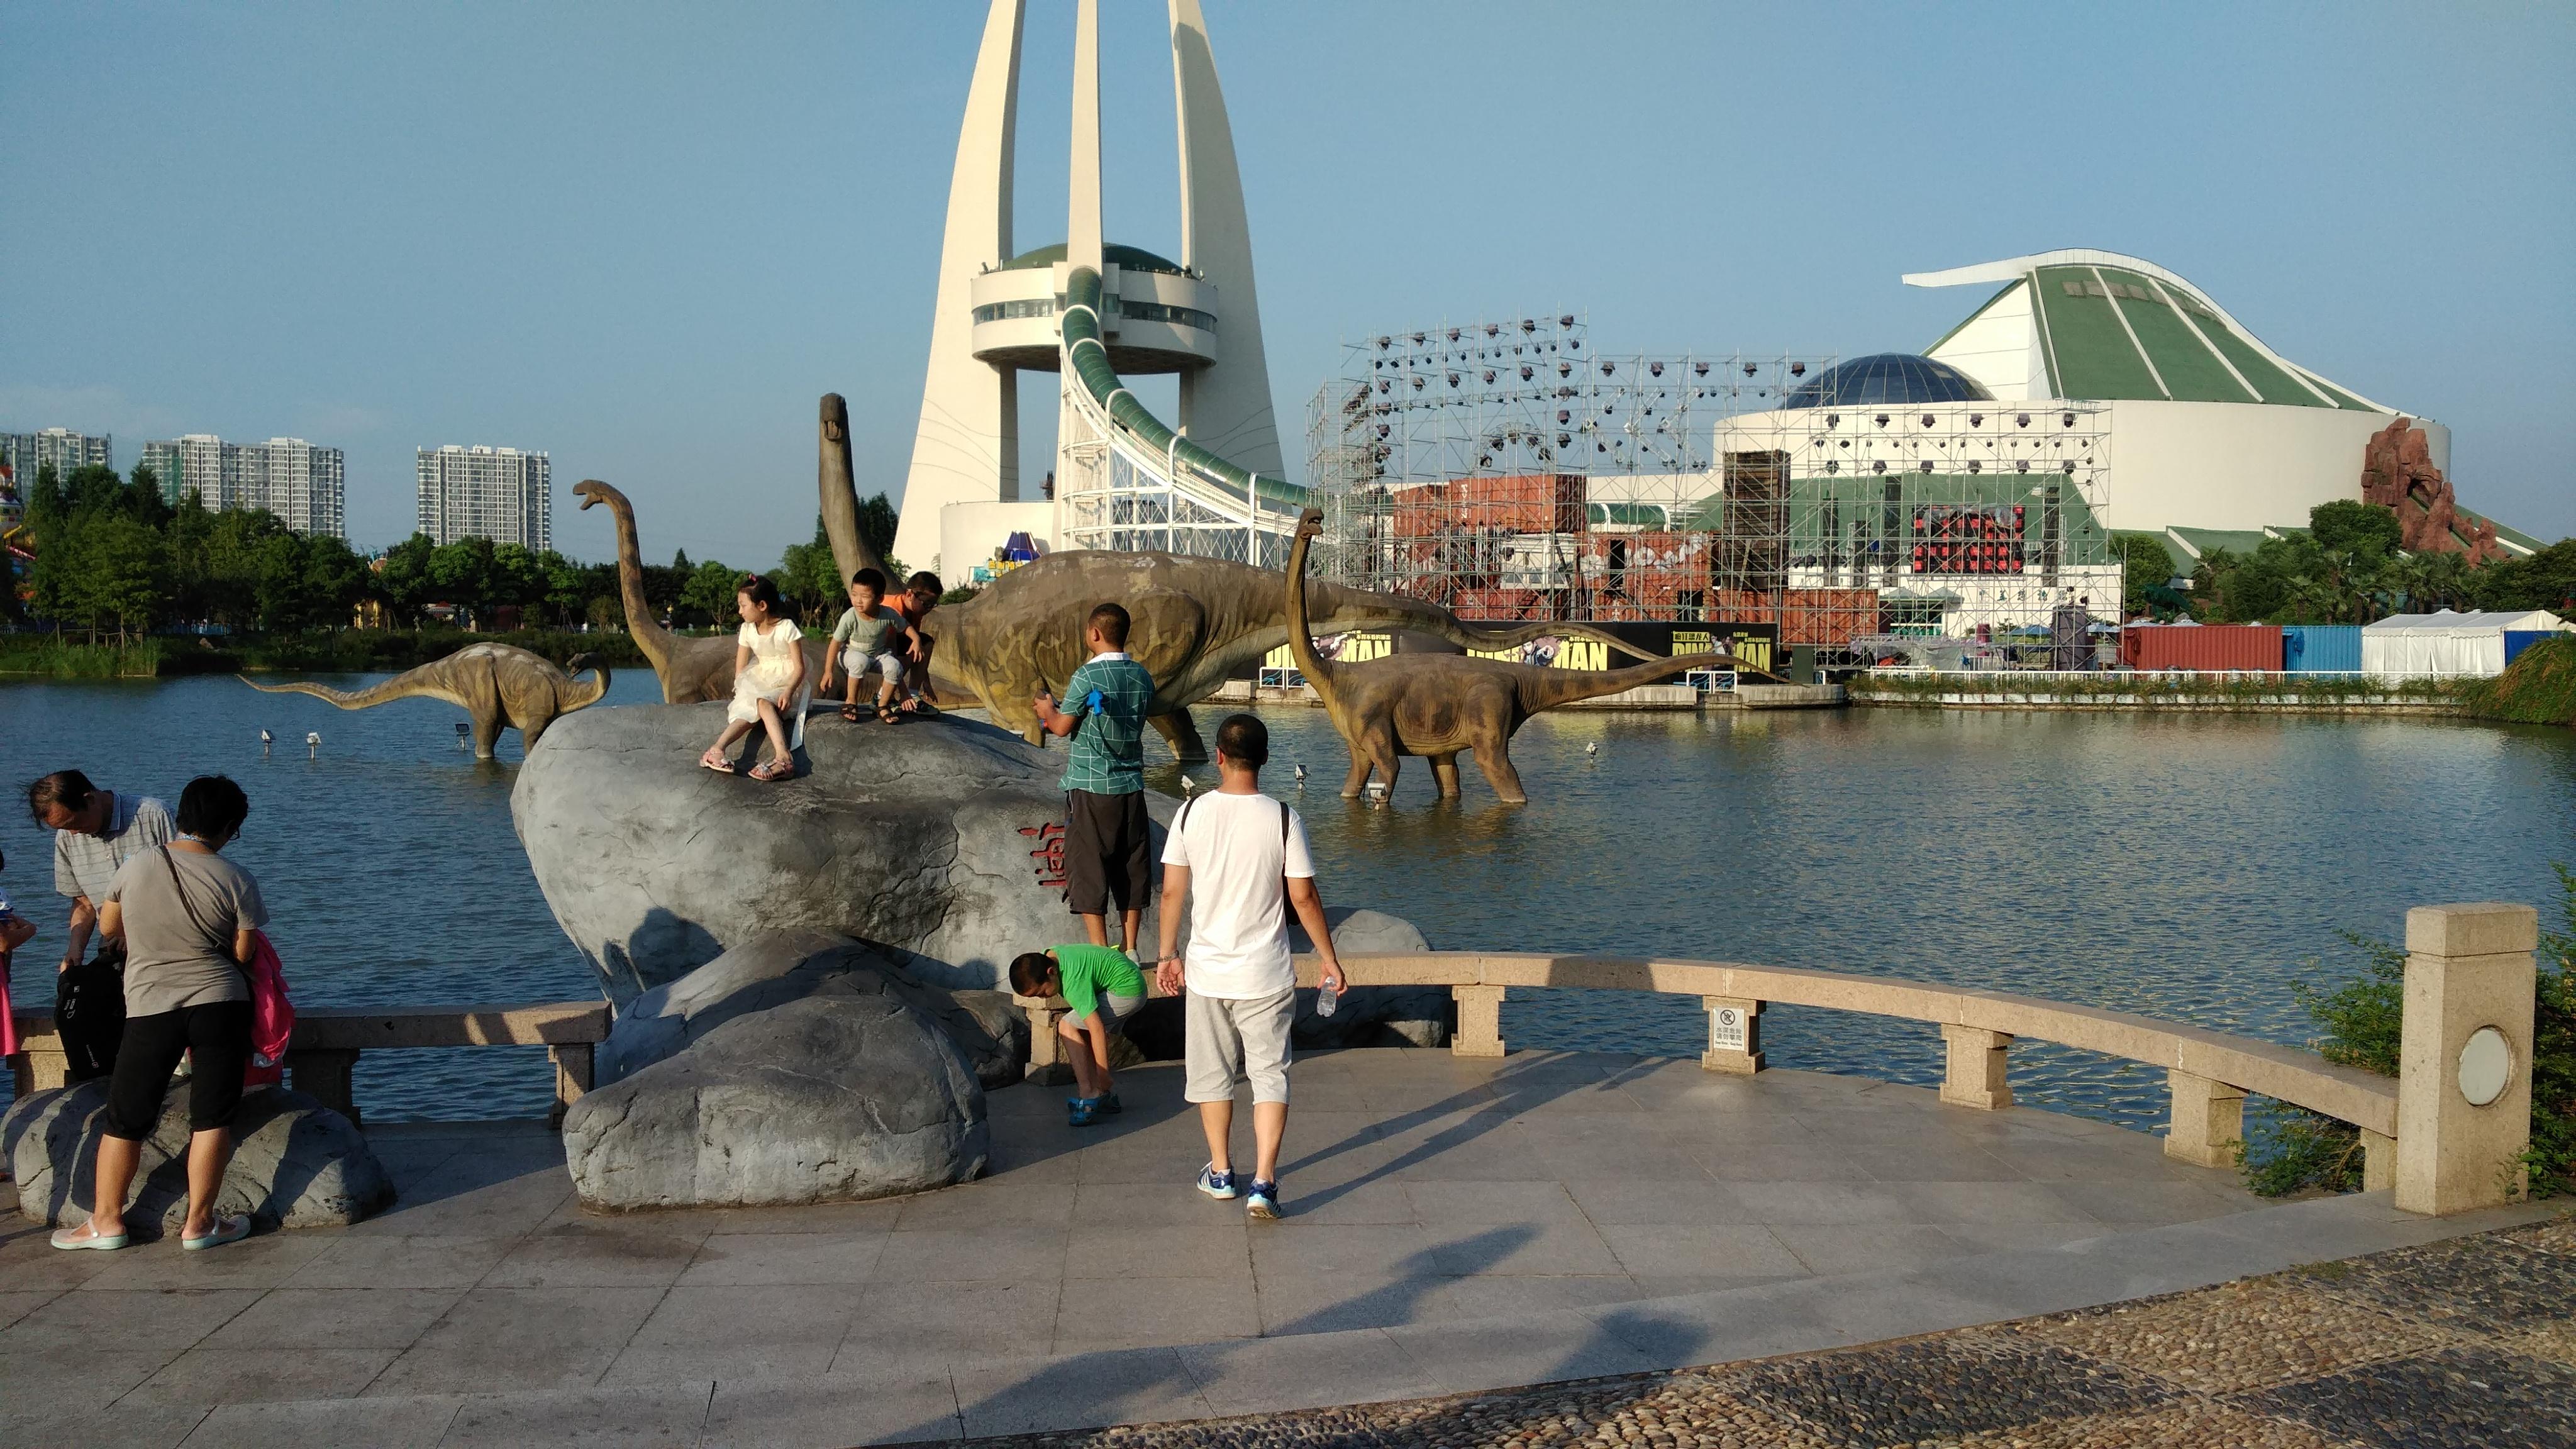 驾从上海到常州恐龙园过路费一共要多少